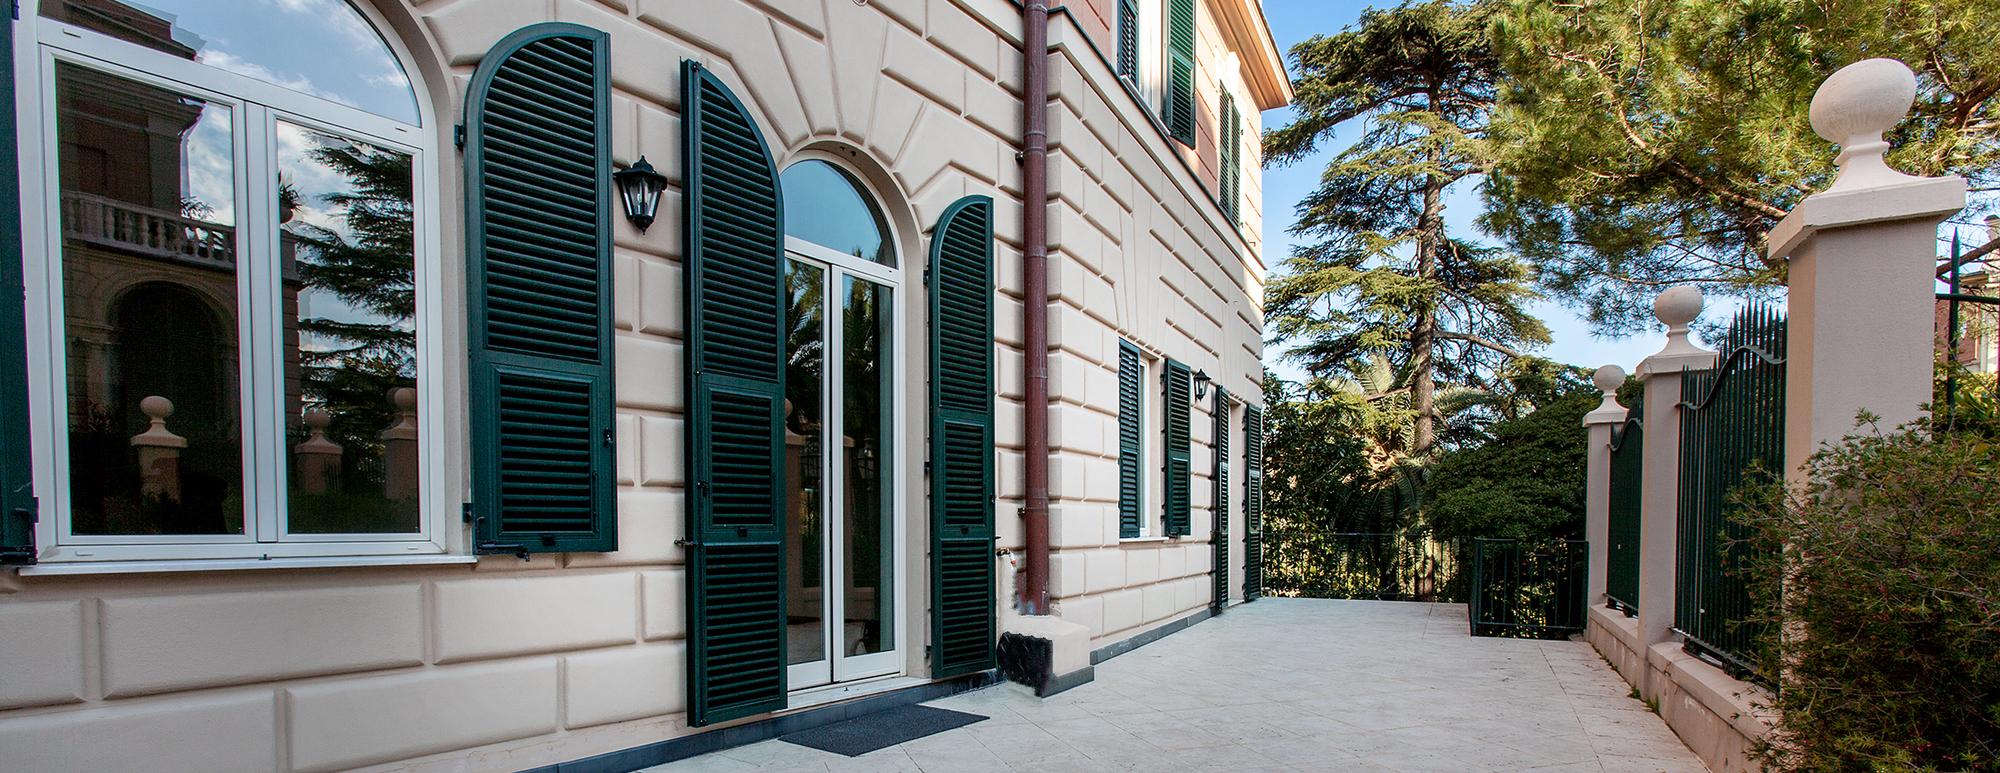 Quadrilocale di pregio in vendita, Genova Centro